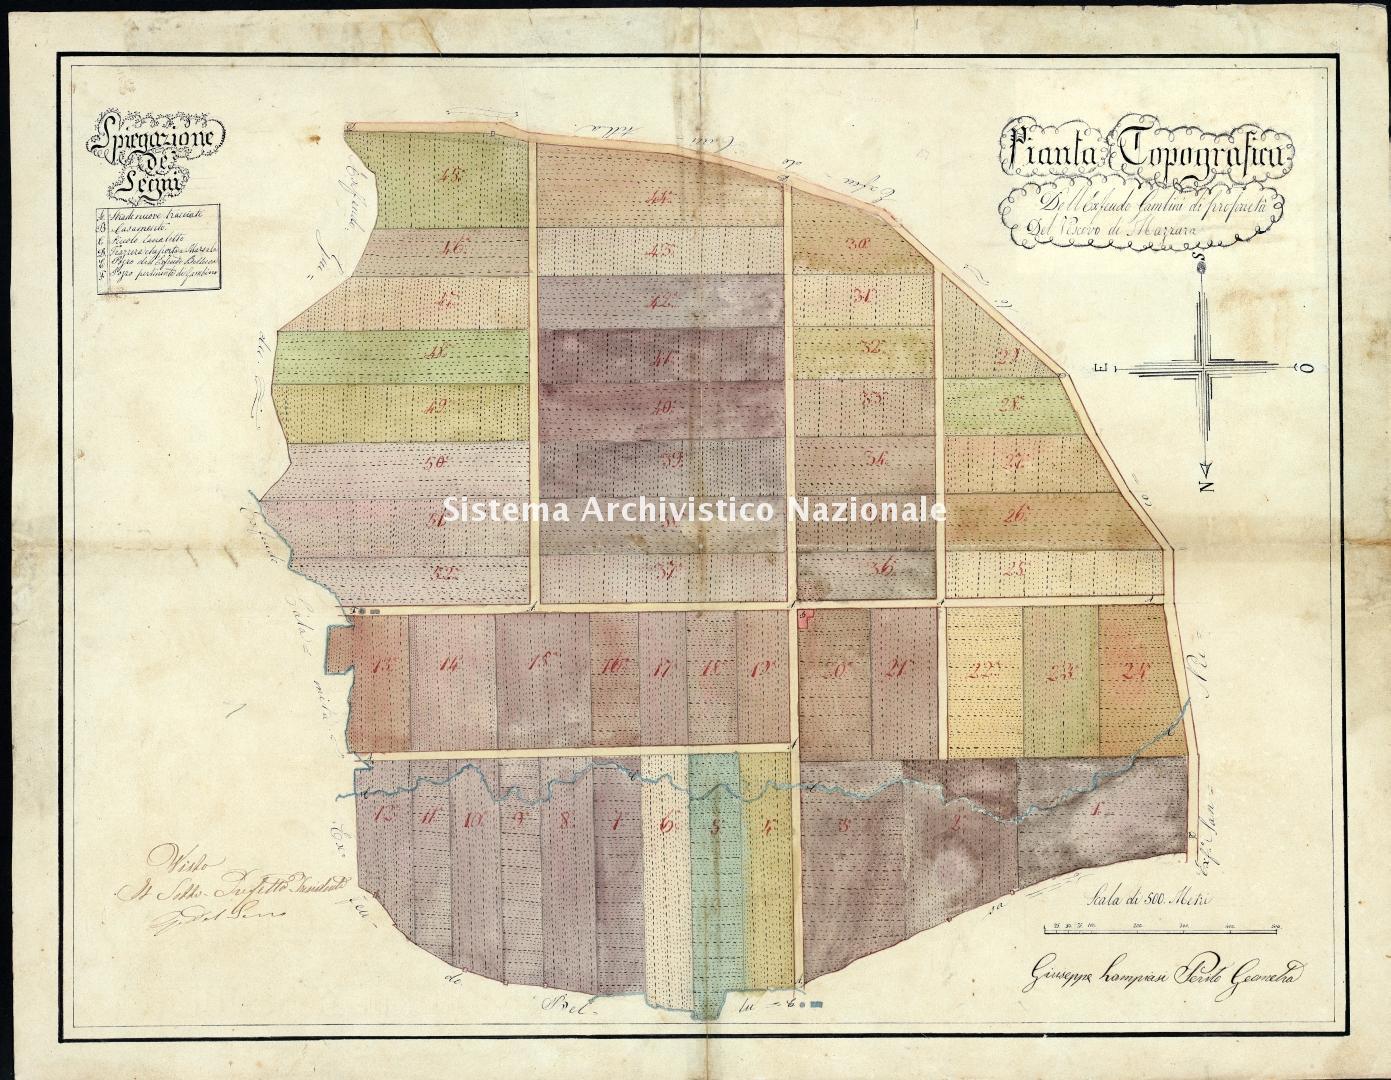 Archivio di Stato di Trapani, Commissione per l'Enfiteusi dei Beni Rurali Ecclesiastici, Vol. 11 Fasc. 73, carta 32.